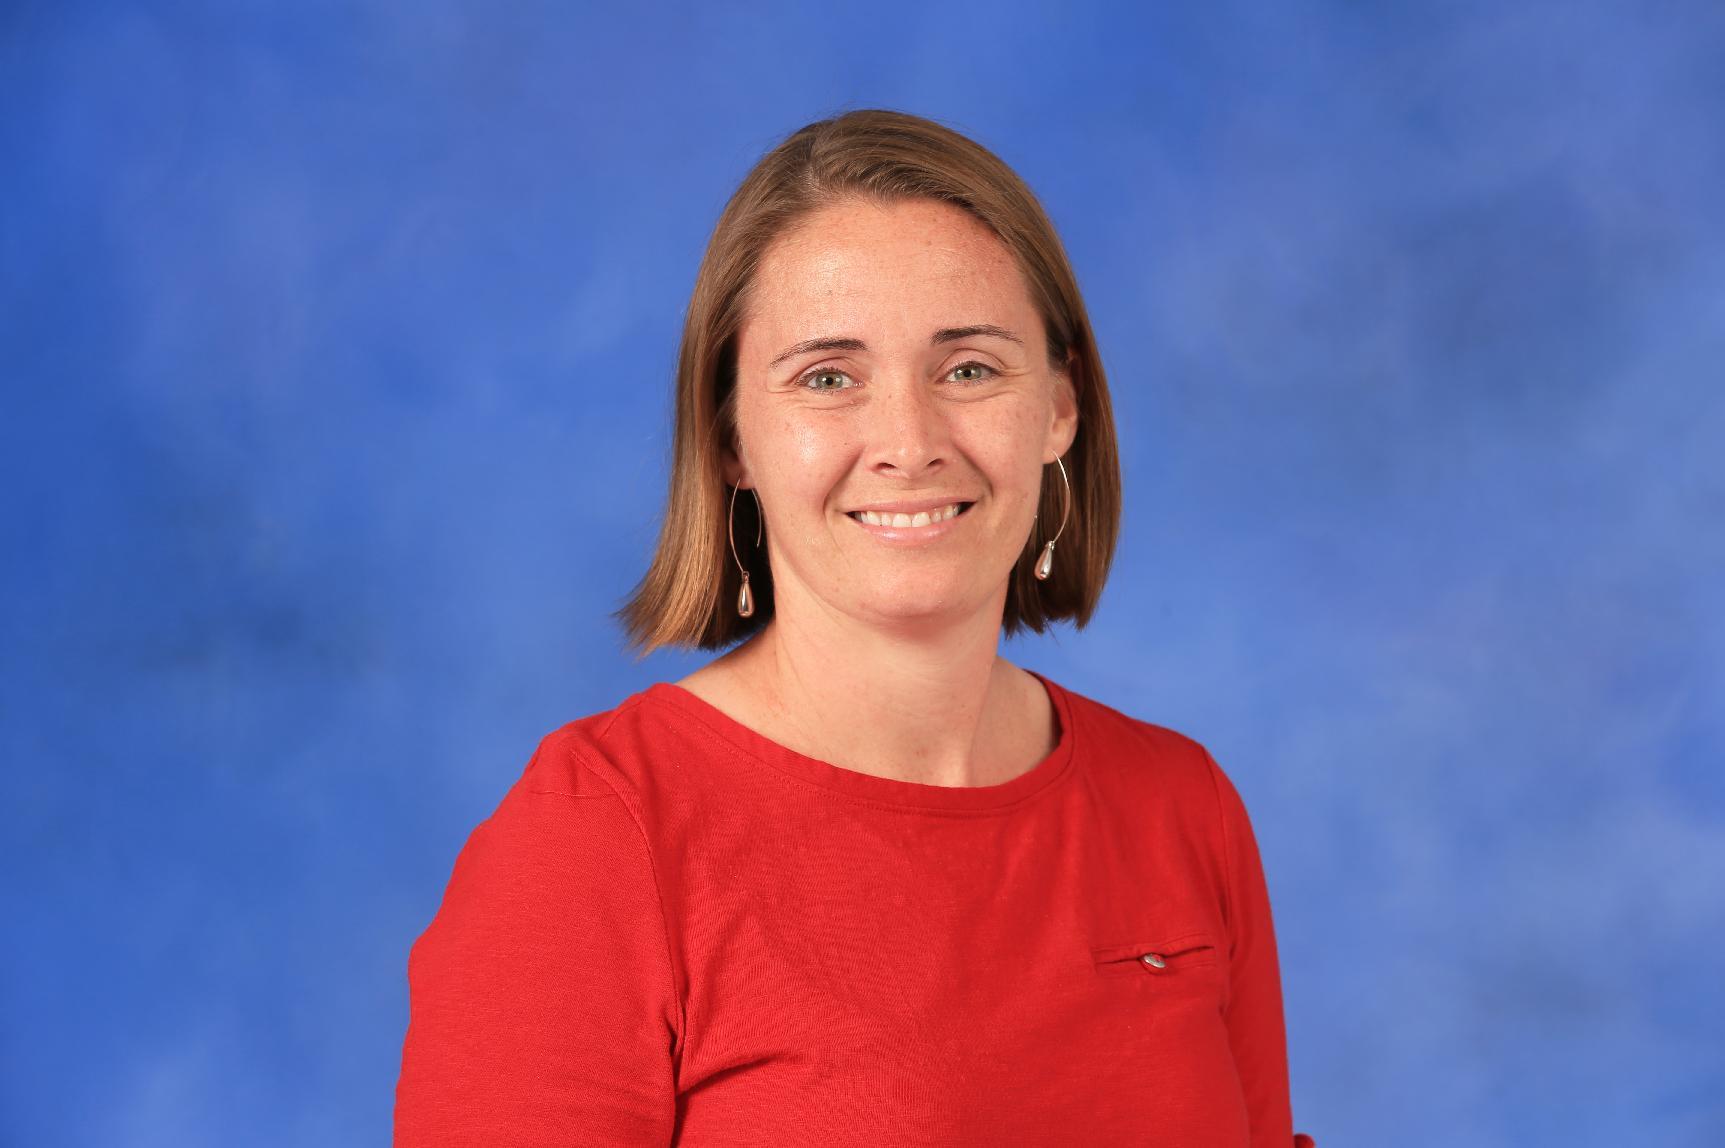 Ms. Sarah Sandlin